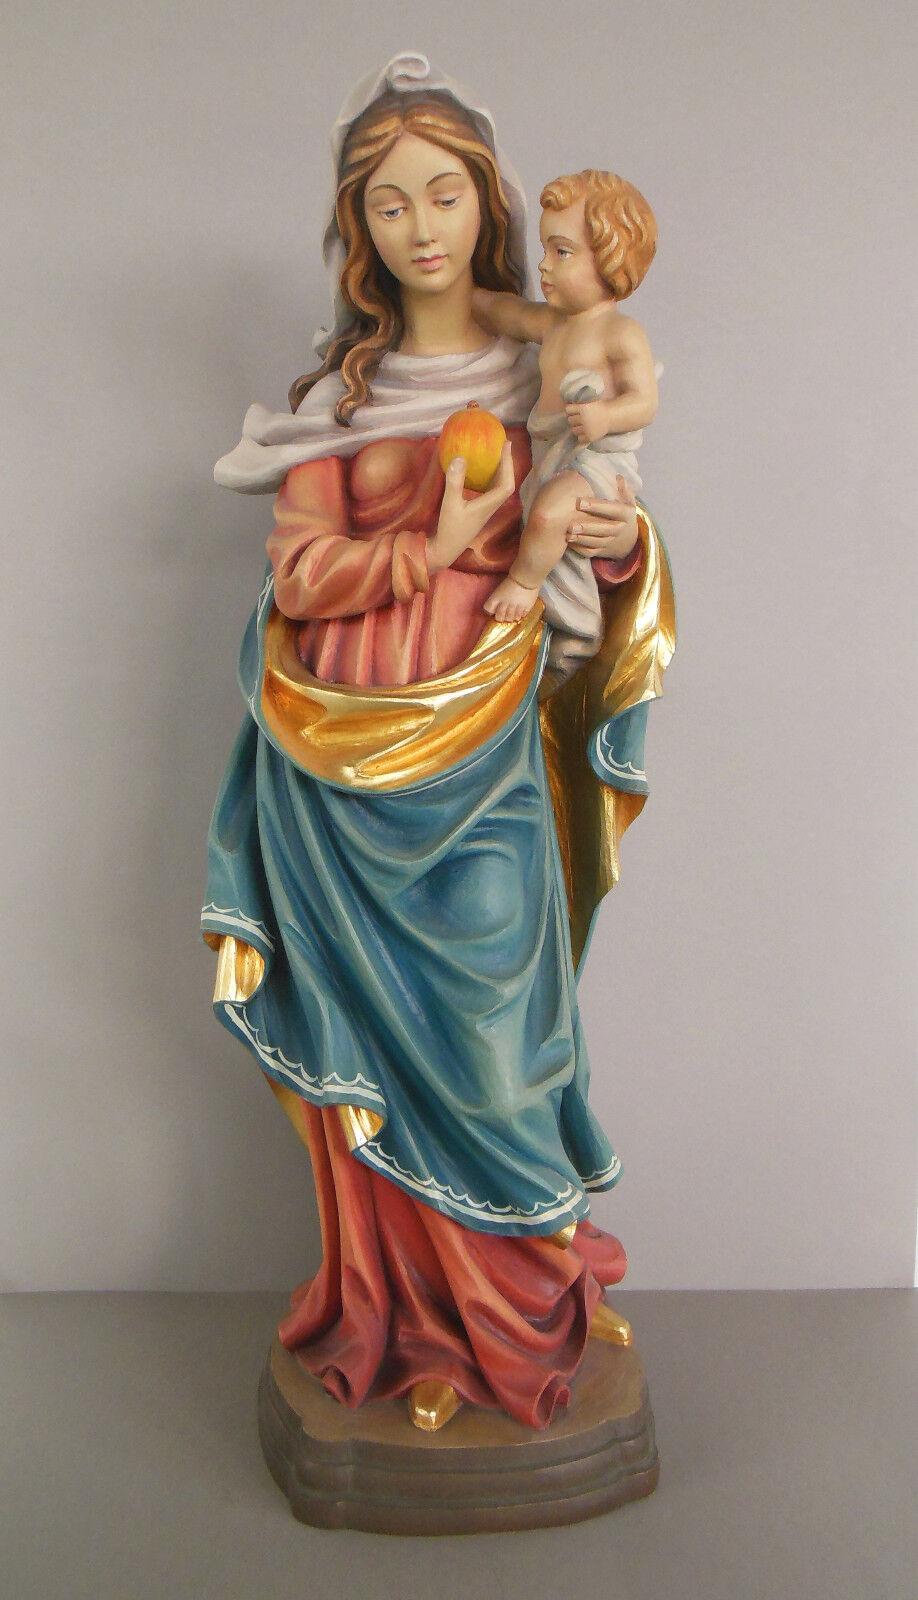 Maria mit Kind, Mutter Gottes; Madamen Madamen Madamen ca. 59 cm hoch, Holz geschnitzt bemalt 2023b4